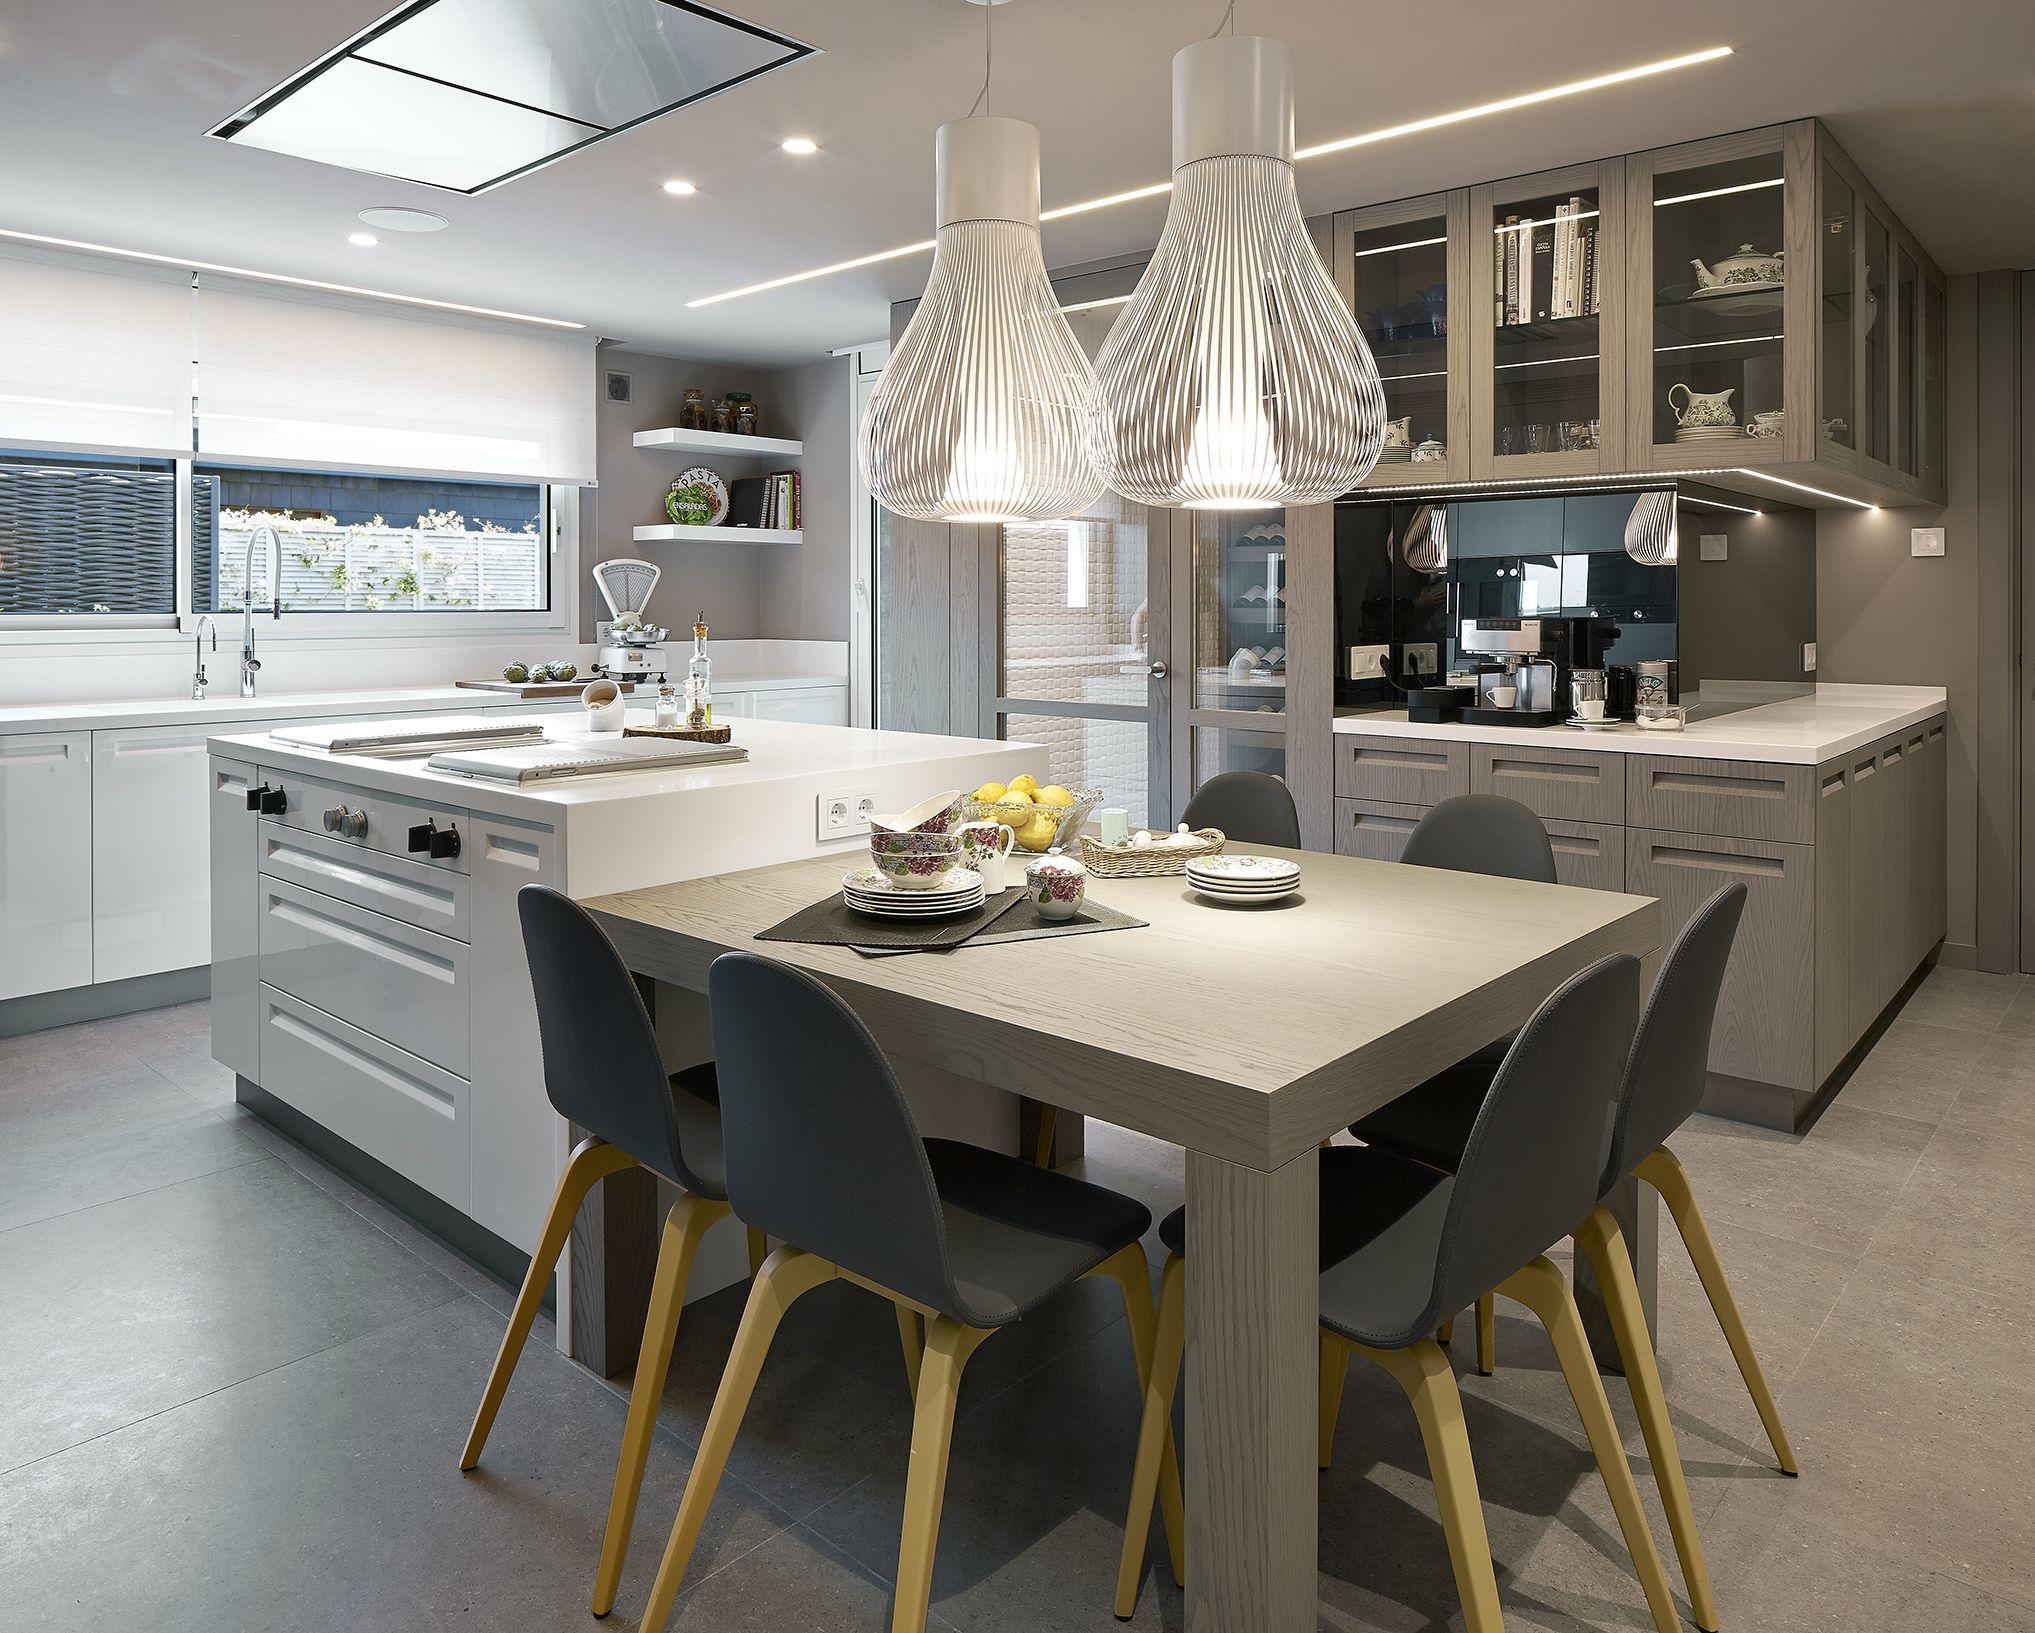 Molinsdesign dise o de interiores de cocinas ultimas for Isla cocina comedor